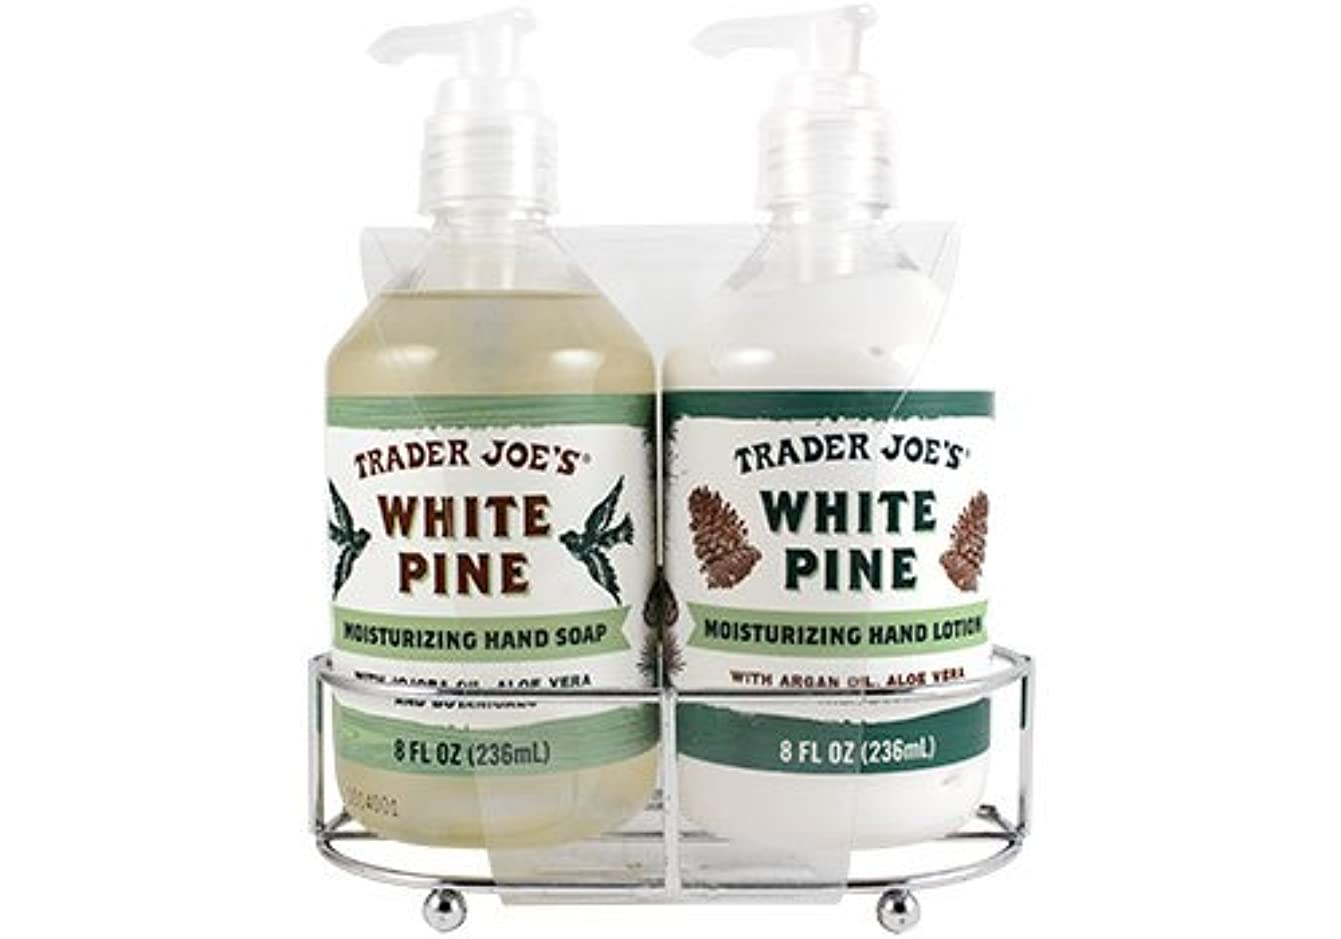 ホワイト パイン モイスチャー ハンドソープ と ローション トレー付き トレーダー ジョーズ 限定 White Pine Moisturizing Hand Soap & Hand Lotion Set Trader...